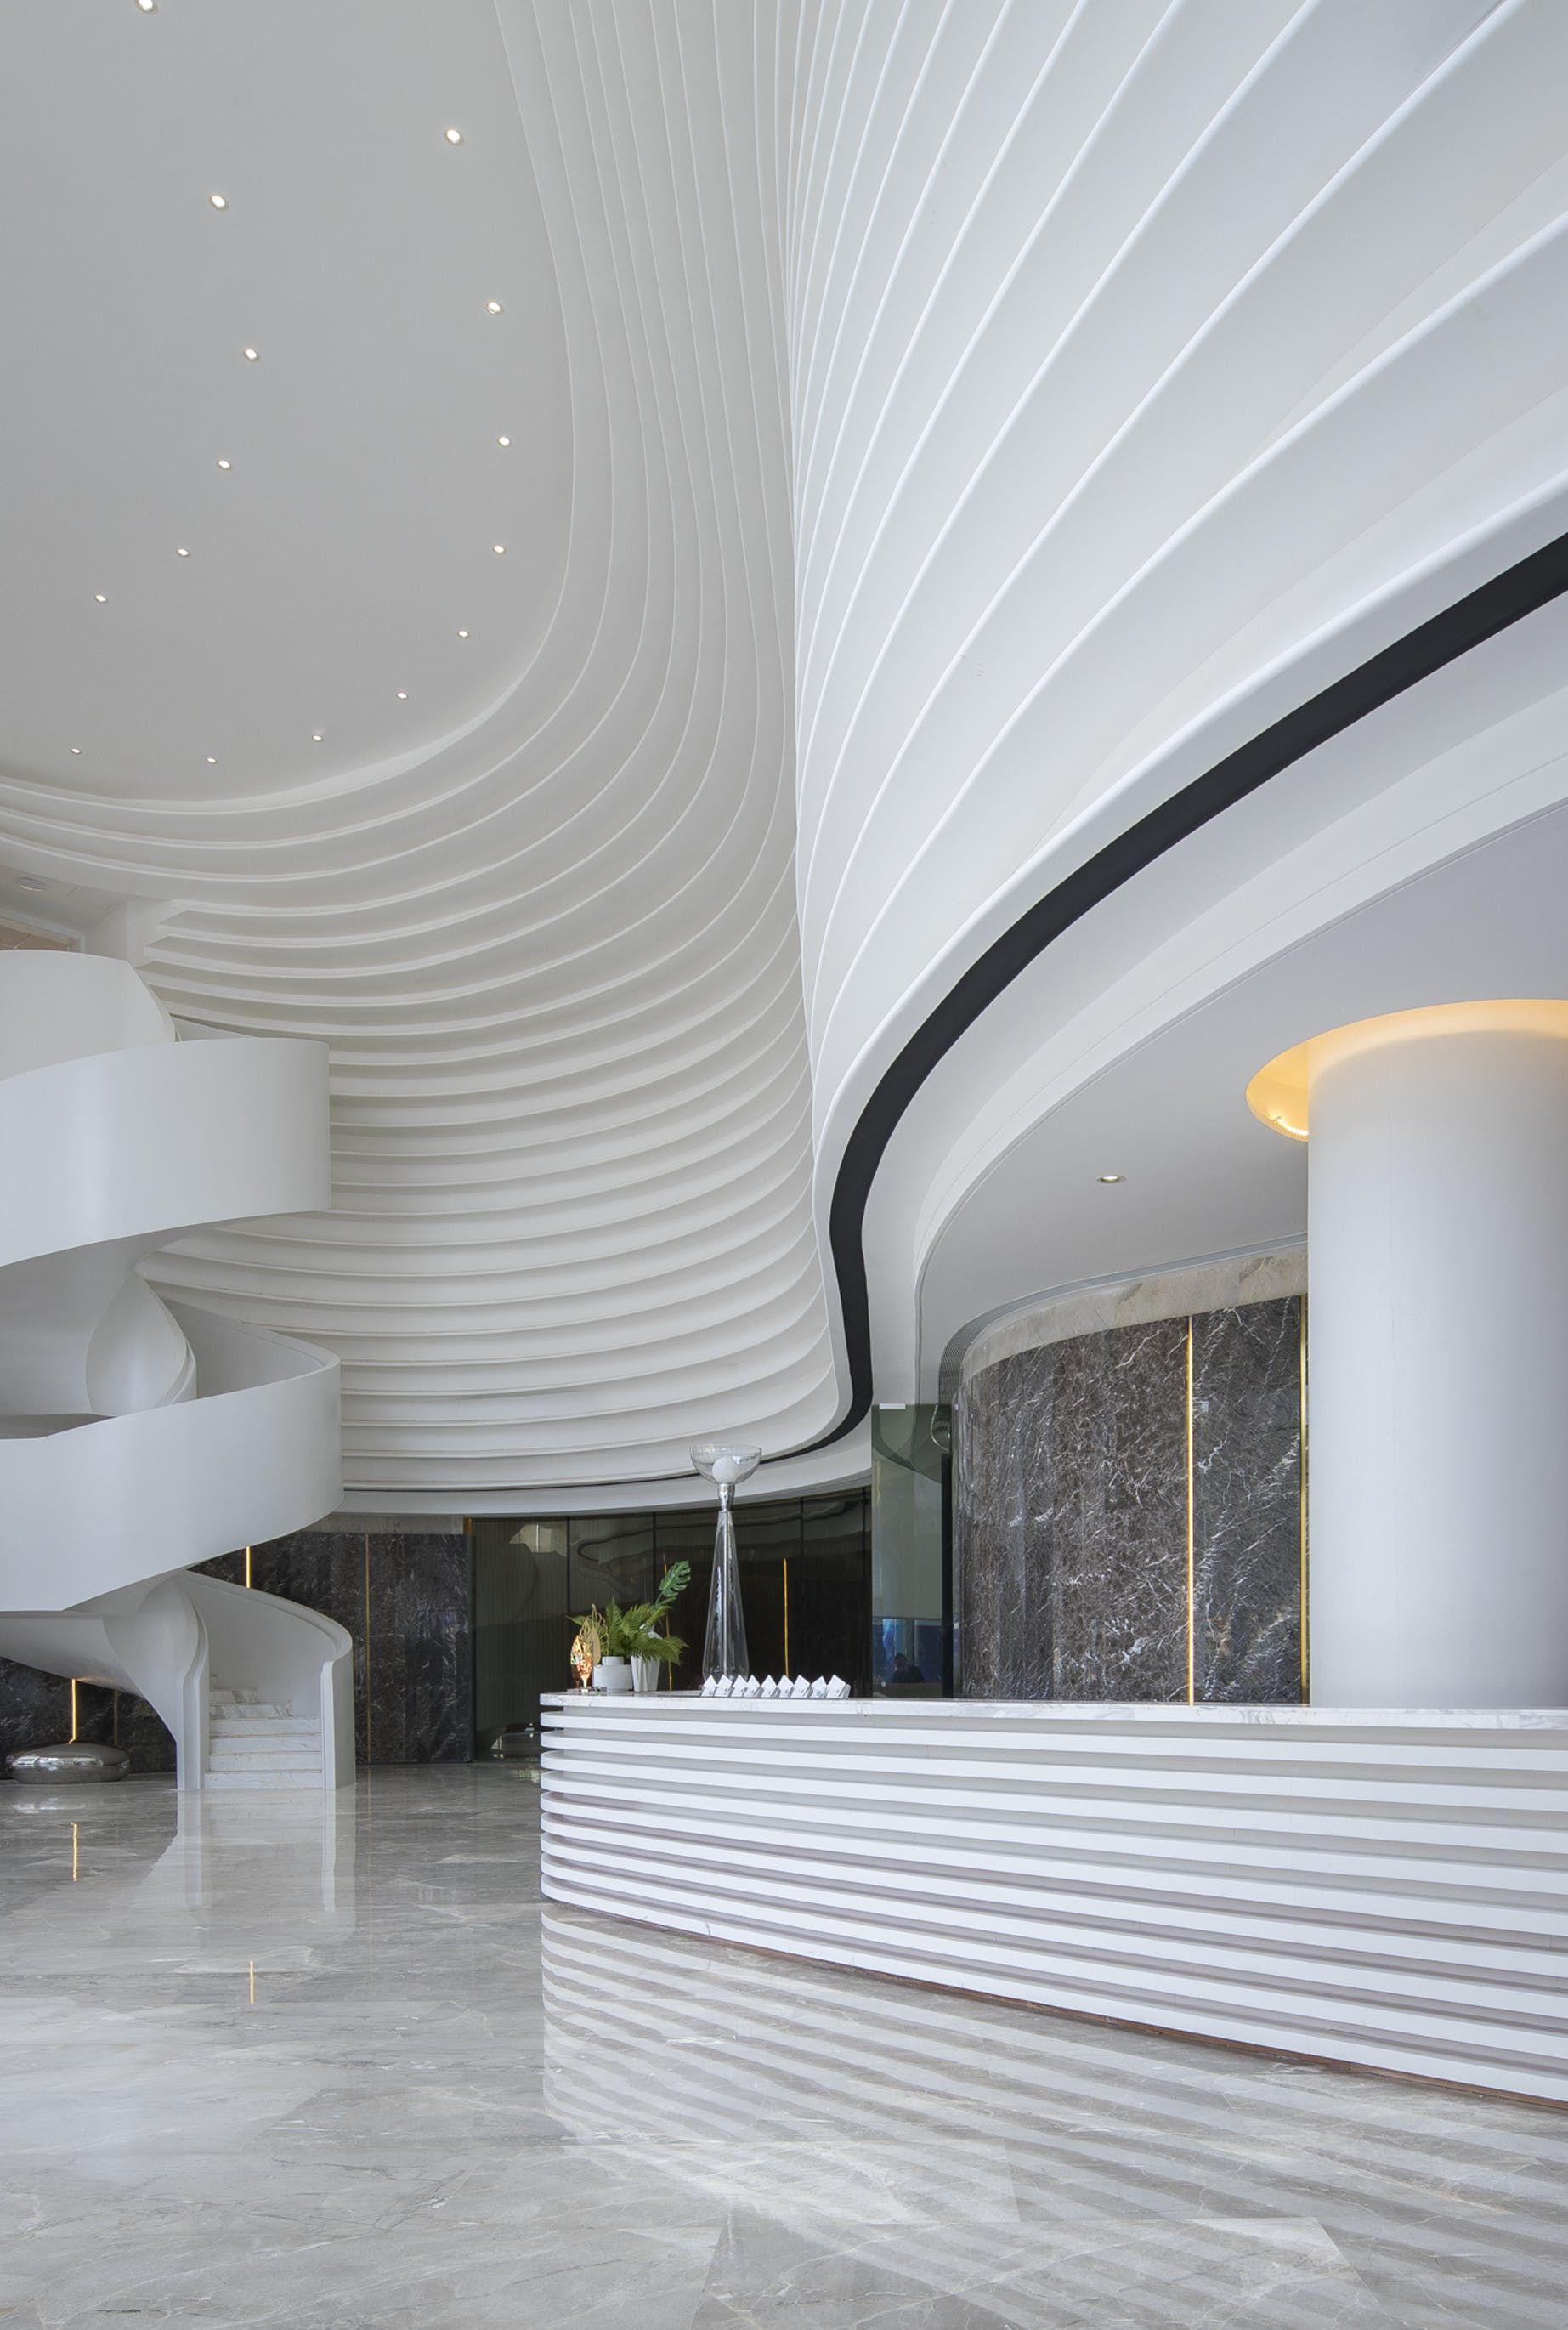 Jiangxi Nanchang Hengmao Sales Center